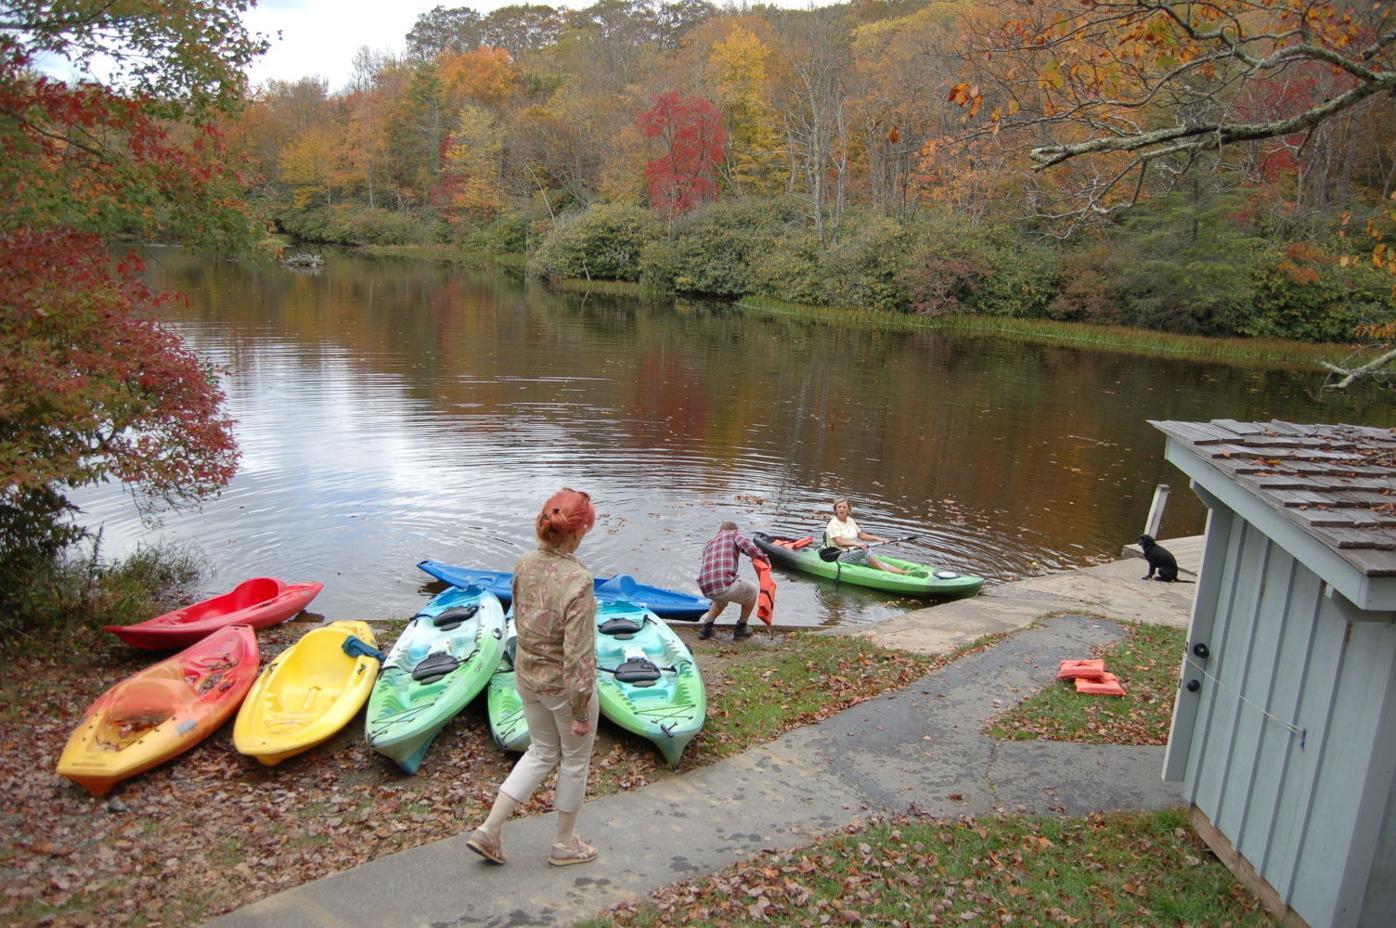 Rental kayaks at Julian Price Lake